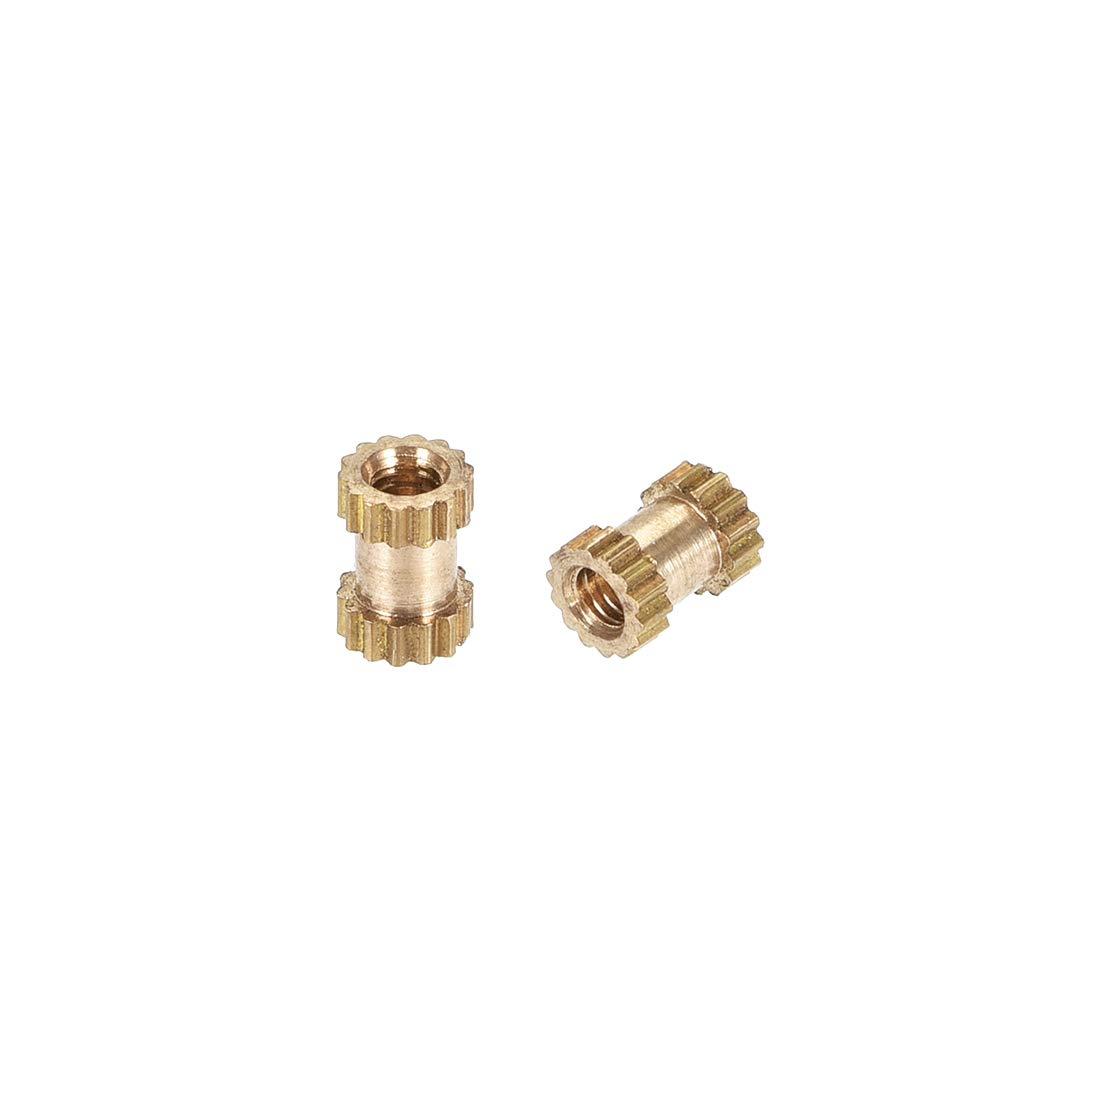 x 3.5mm M2.5 x 6mm Female Thread Brass Embedment Assortment Kit uxcell Knurled Insert Nuts L OD 100 Pcs